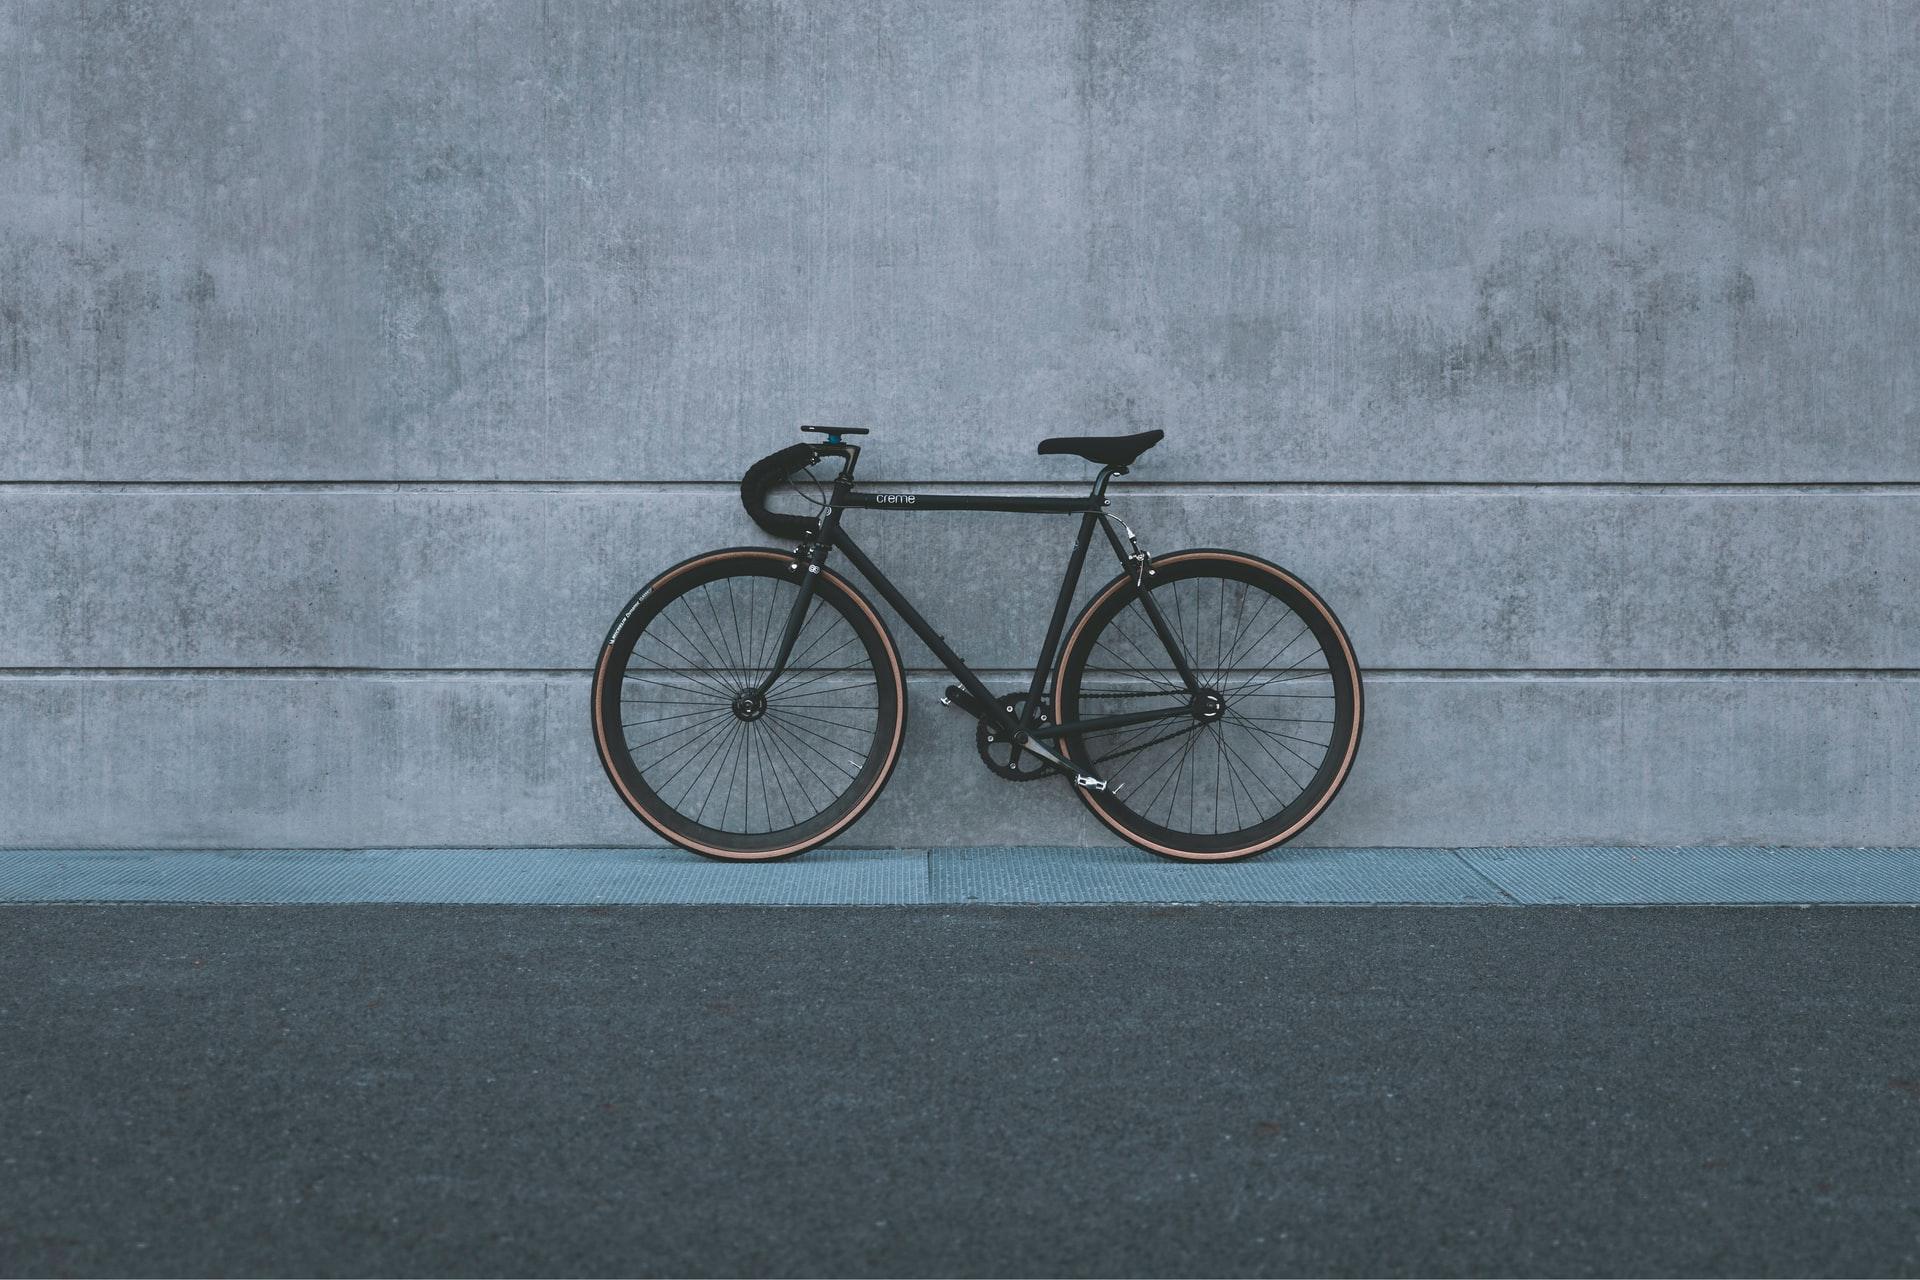 Un vélo posé contre un mur